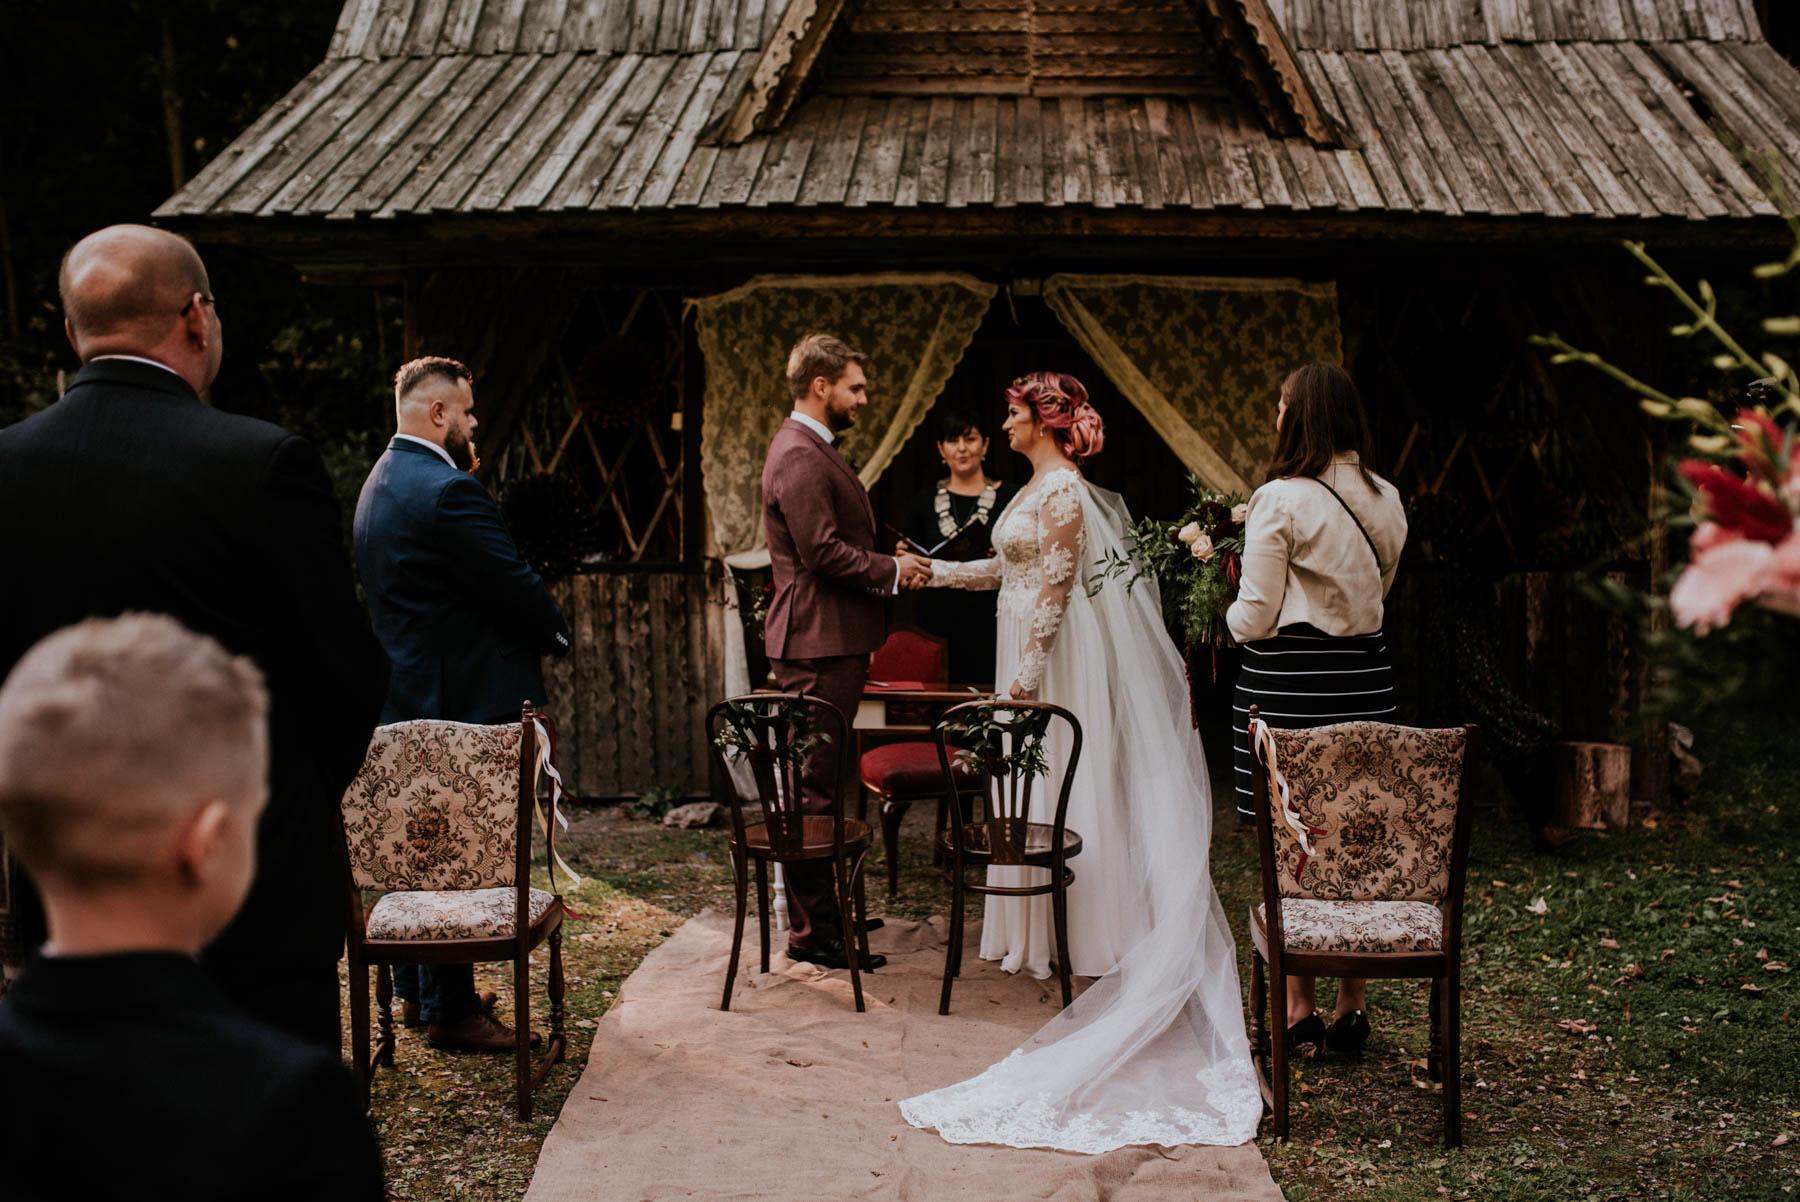 Wisienka na torcie - fotograf warszawa - ślub - chrzest - sesja noworodkowa i lifestyle